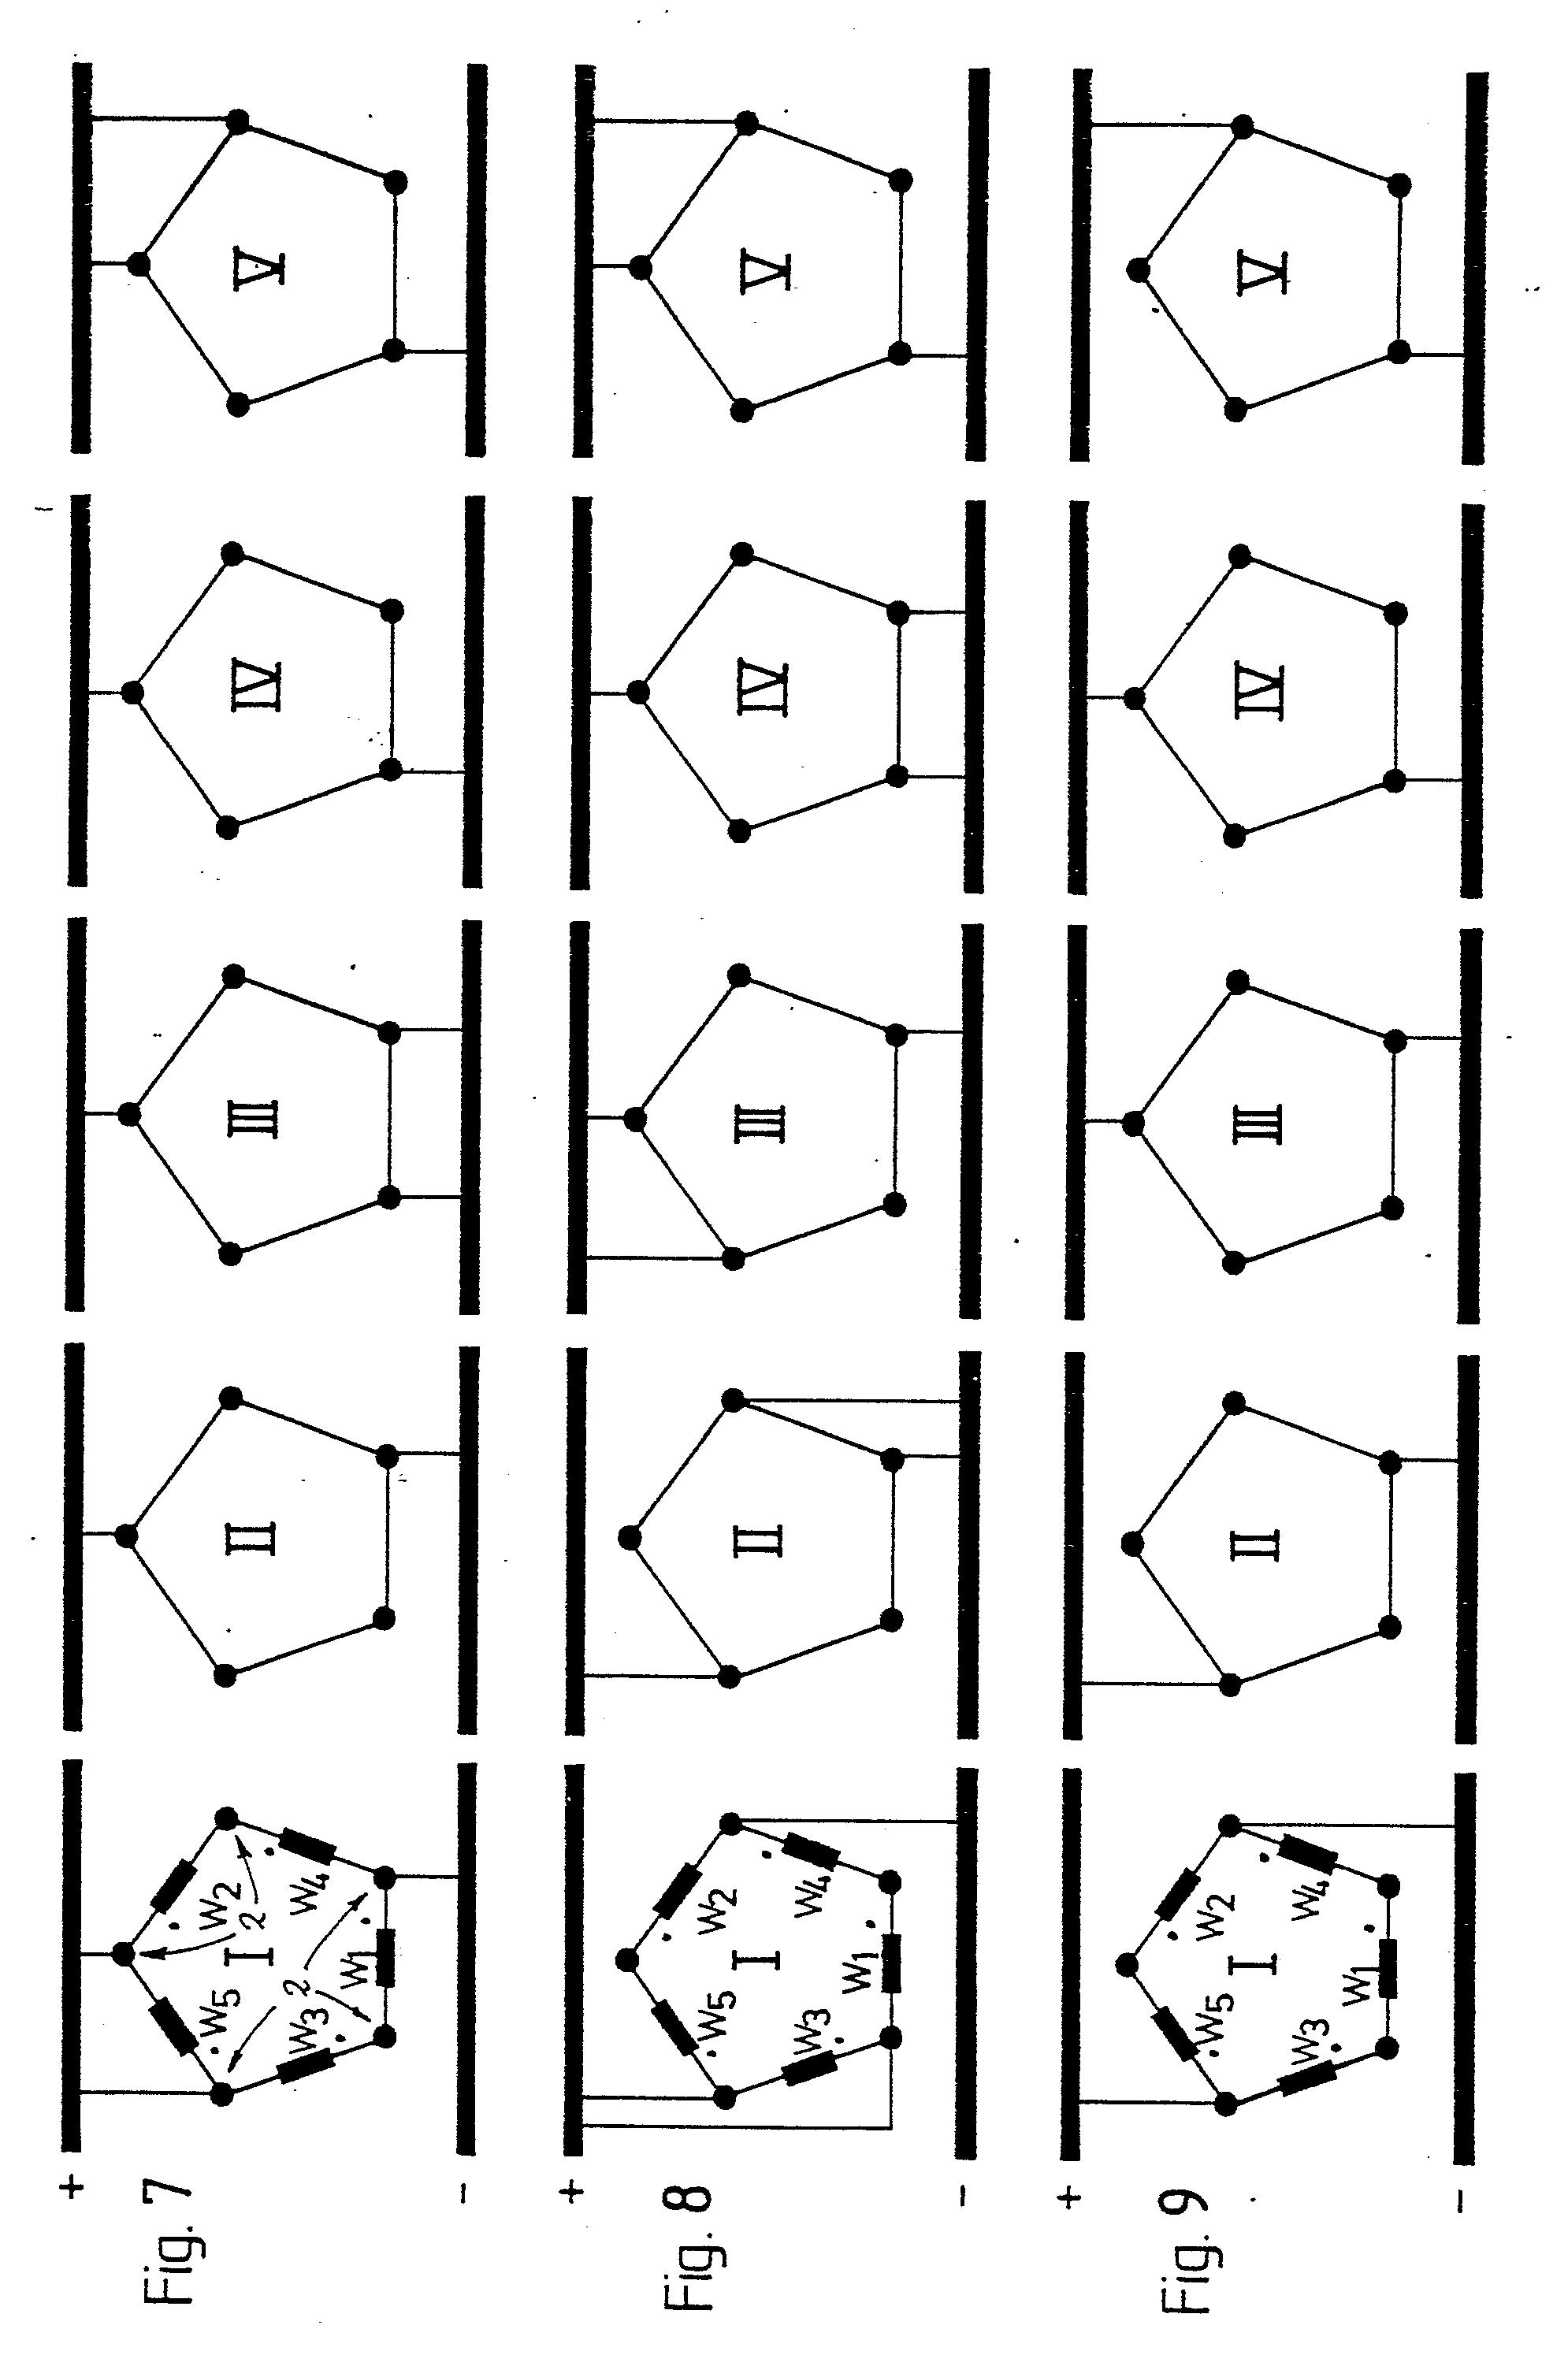 patent ep0269908a2 ansteuerschaltung f r 5 phasen schrittmotor sowie verfahren zum ansteuern. Black Bedroom Furniture Sets. Home Design Ideas